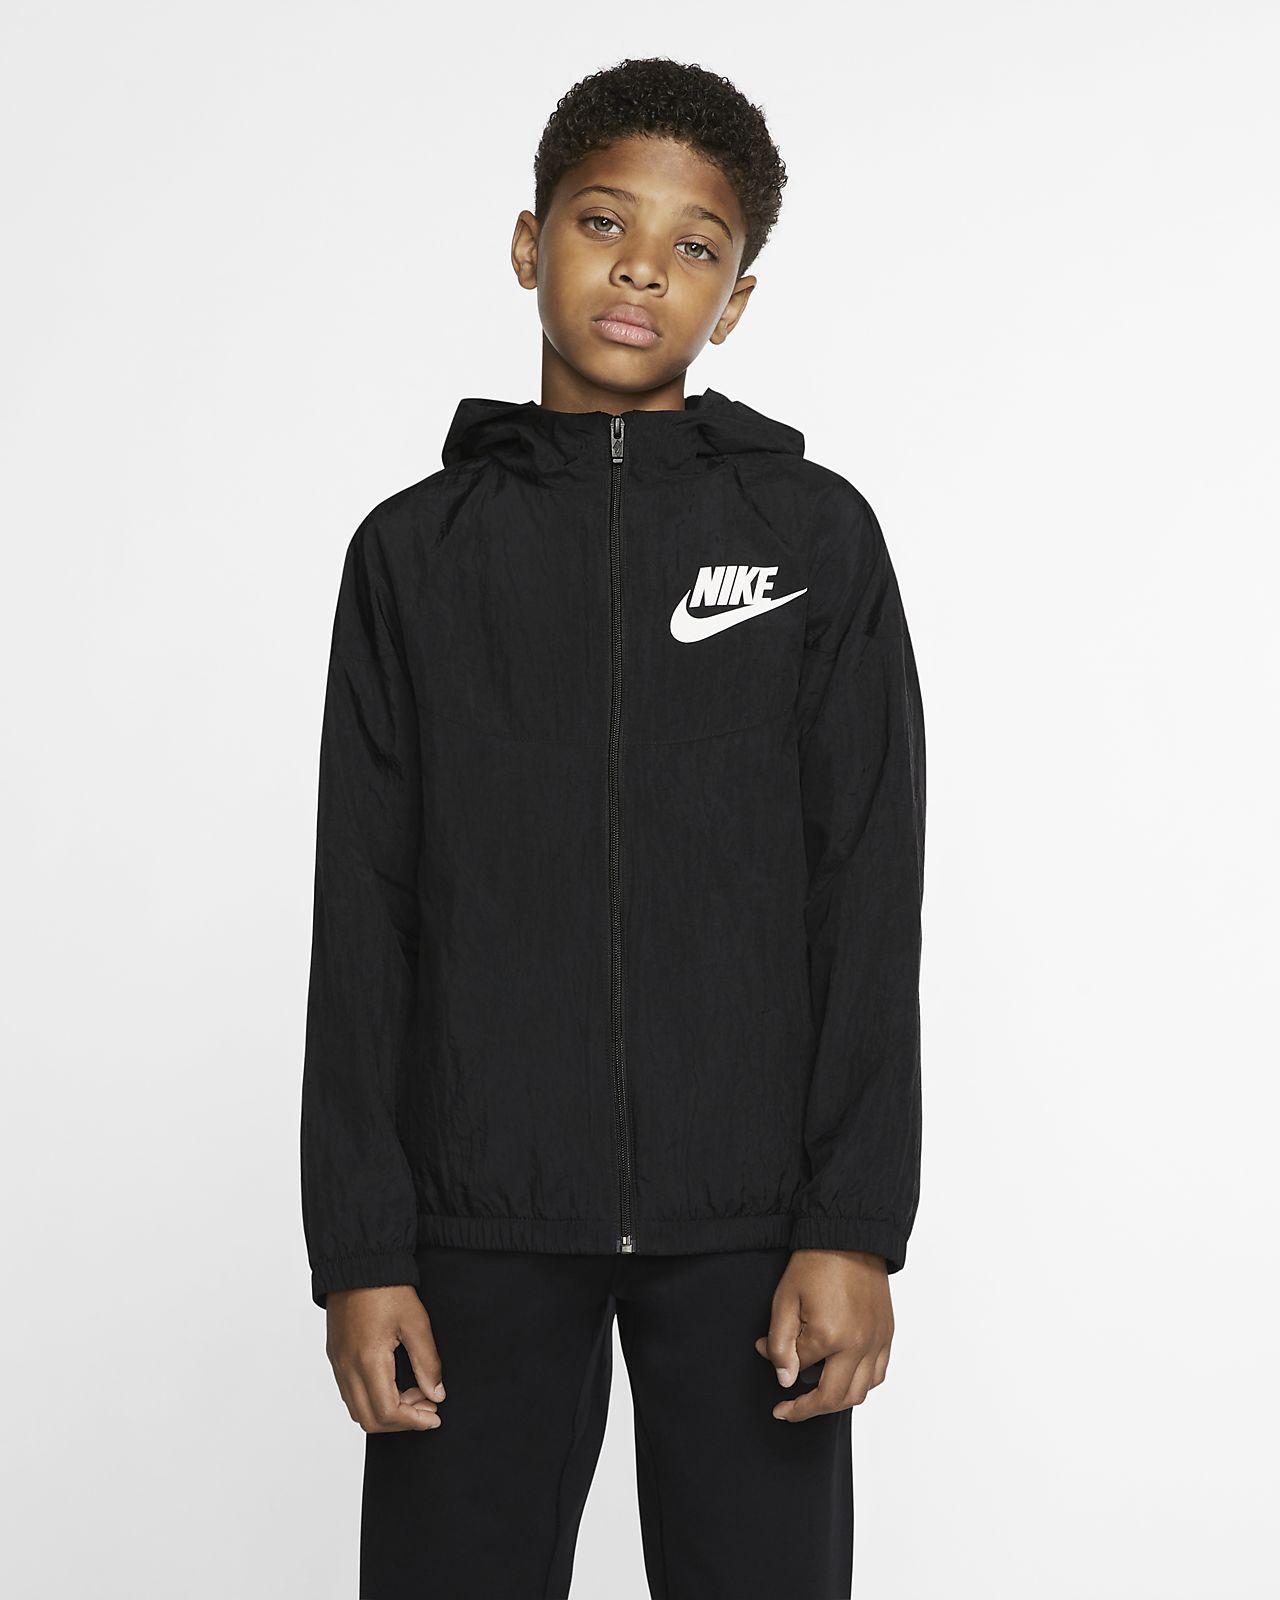 Tkaná bunda Nike Sportswear pro větší děti